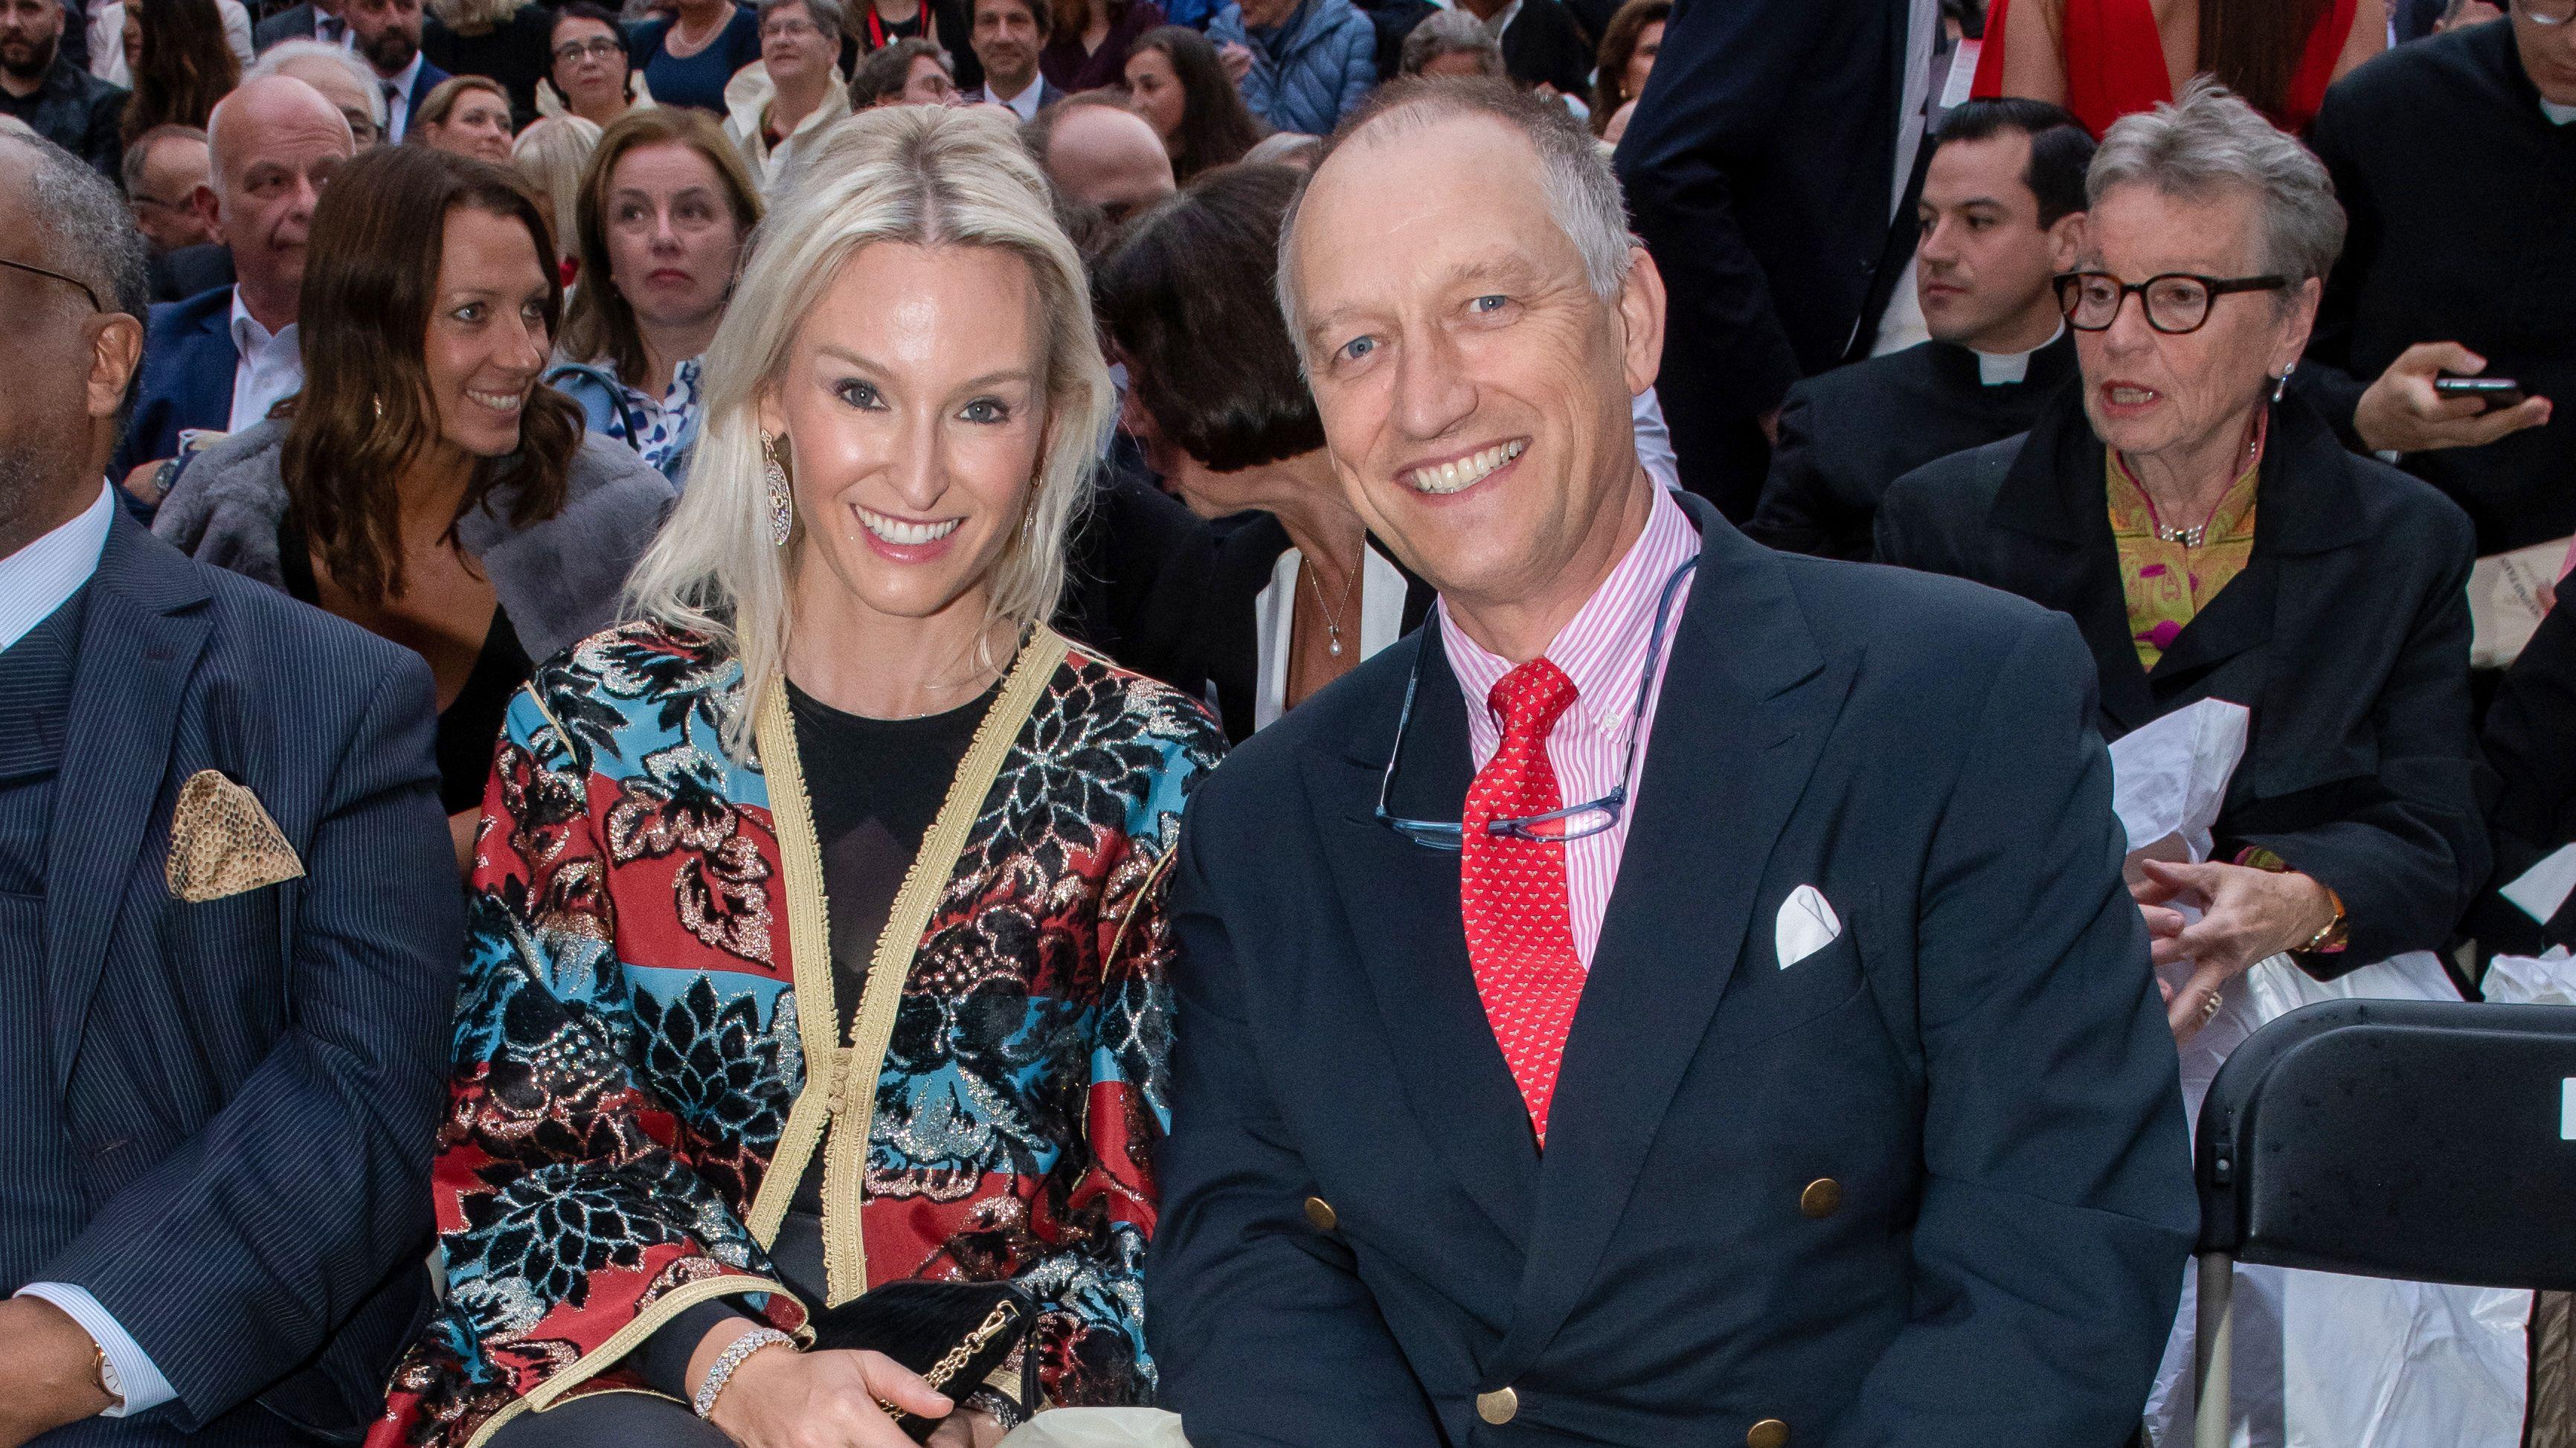 Unter den namhaften Gästen: Prinz Wolfgang und Prinzessin Tatiana von Bayern